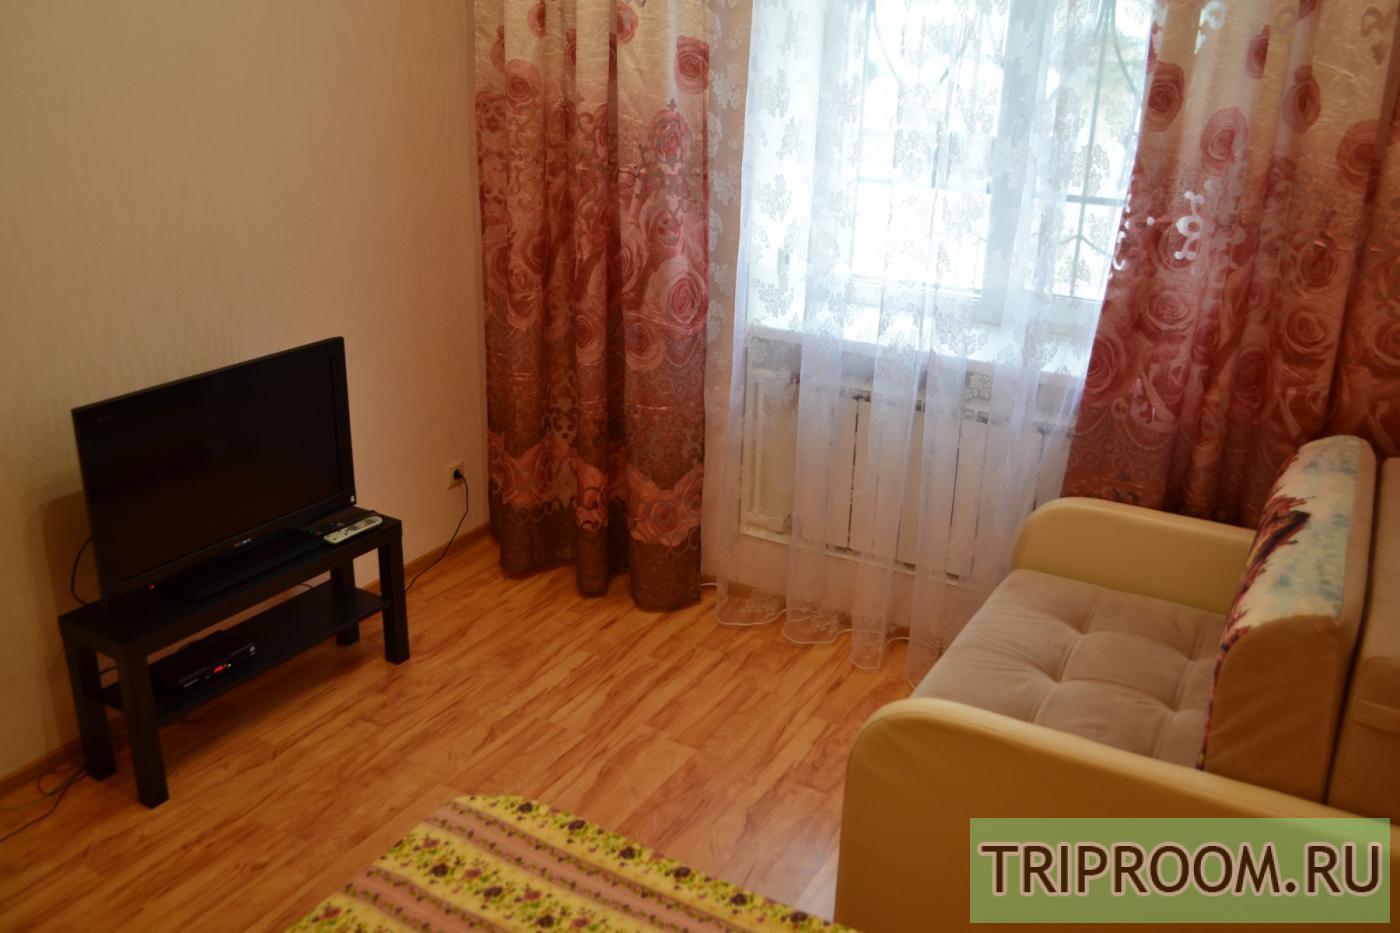 1-комнатная квартира посуточно (вариант № 33034), ул. Гоголя улица, фото № 1